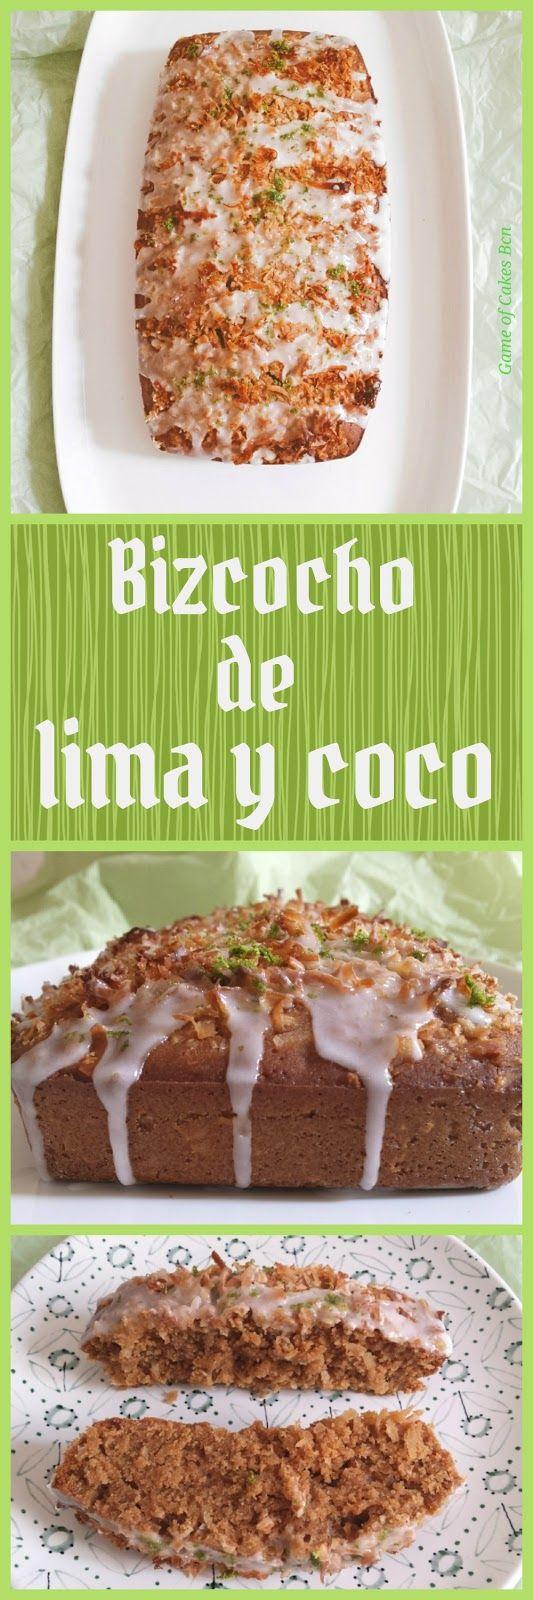 Bizcocho de lima y coco con glaseado de lima, sin lácteos, con leche de coco, azúcar de coco y aceite de coco